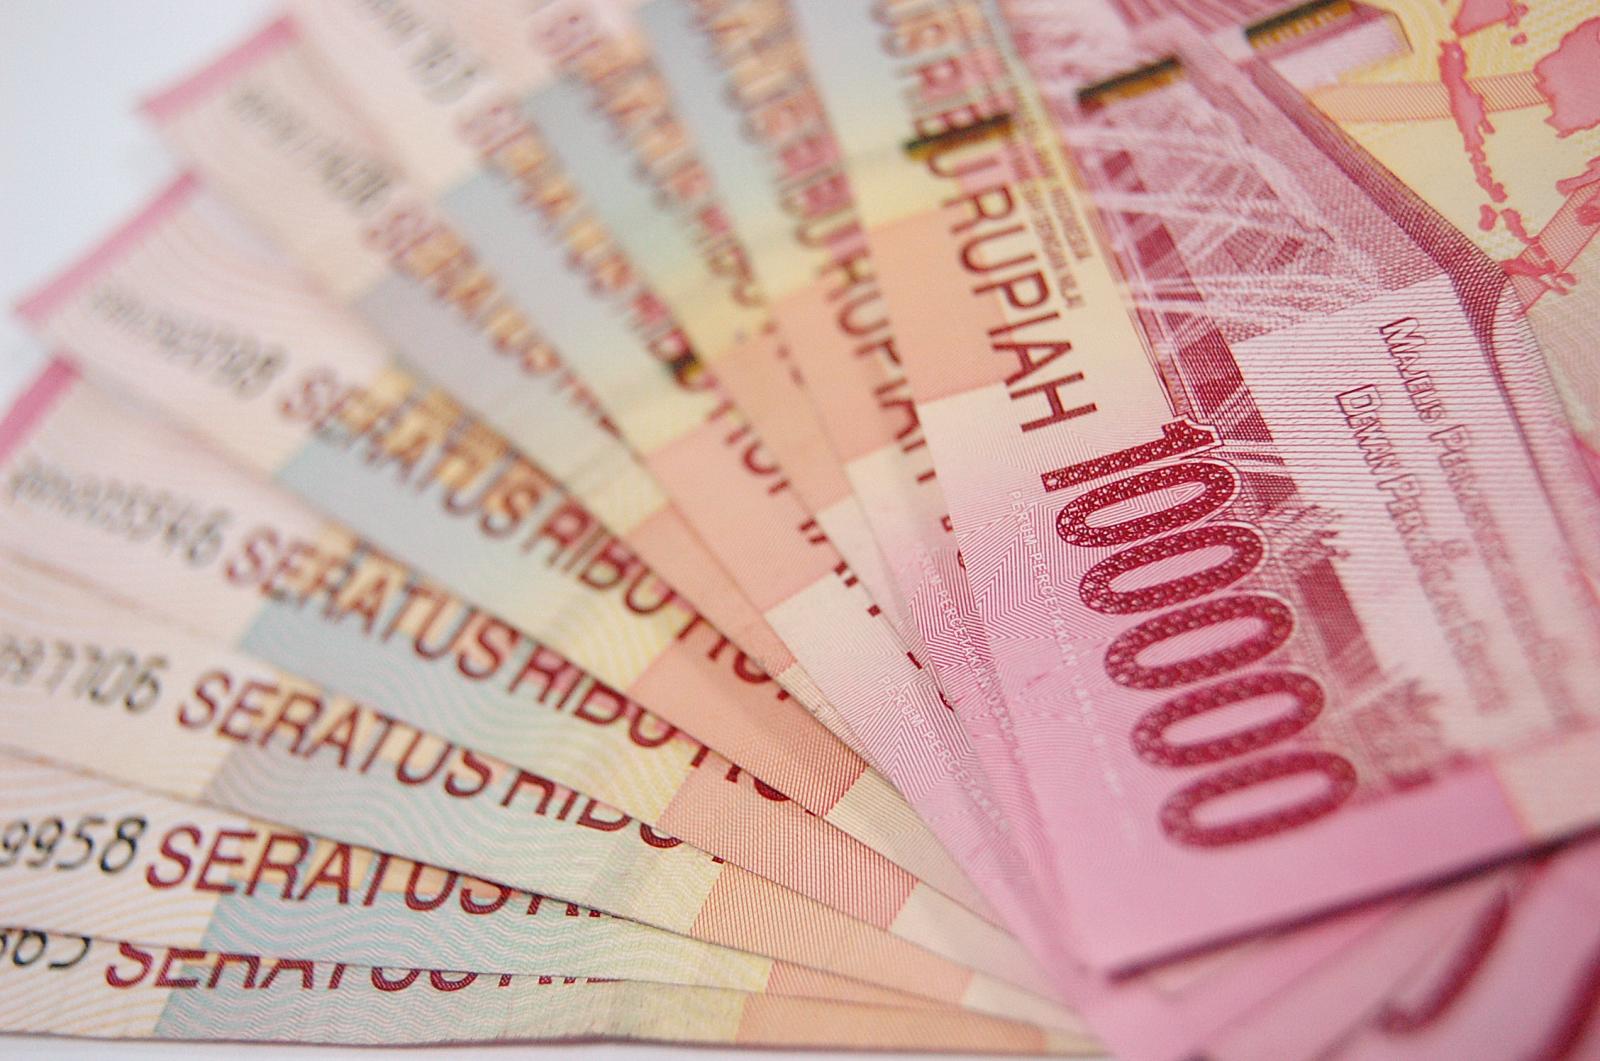 Kemenkeu mempersiapkan anggaran sebesar Rp23 triliun untuk THR dan gaji ke-13. Jumlah ini naik 28,4 persen jika dibandingkan anggaran tahun lalu